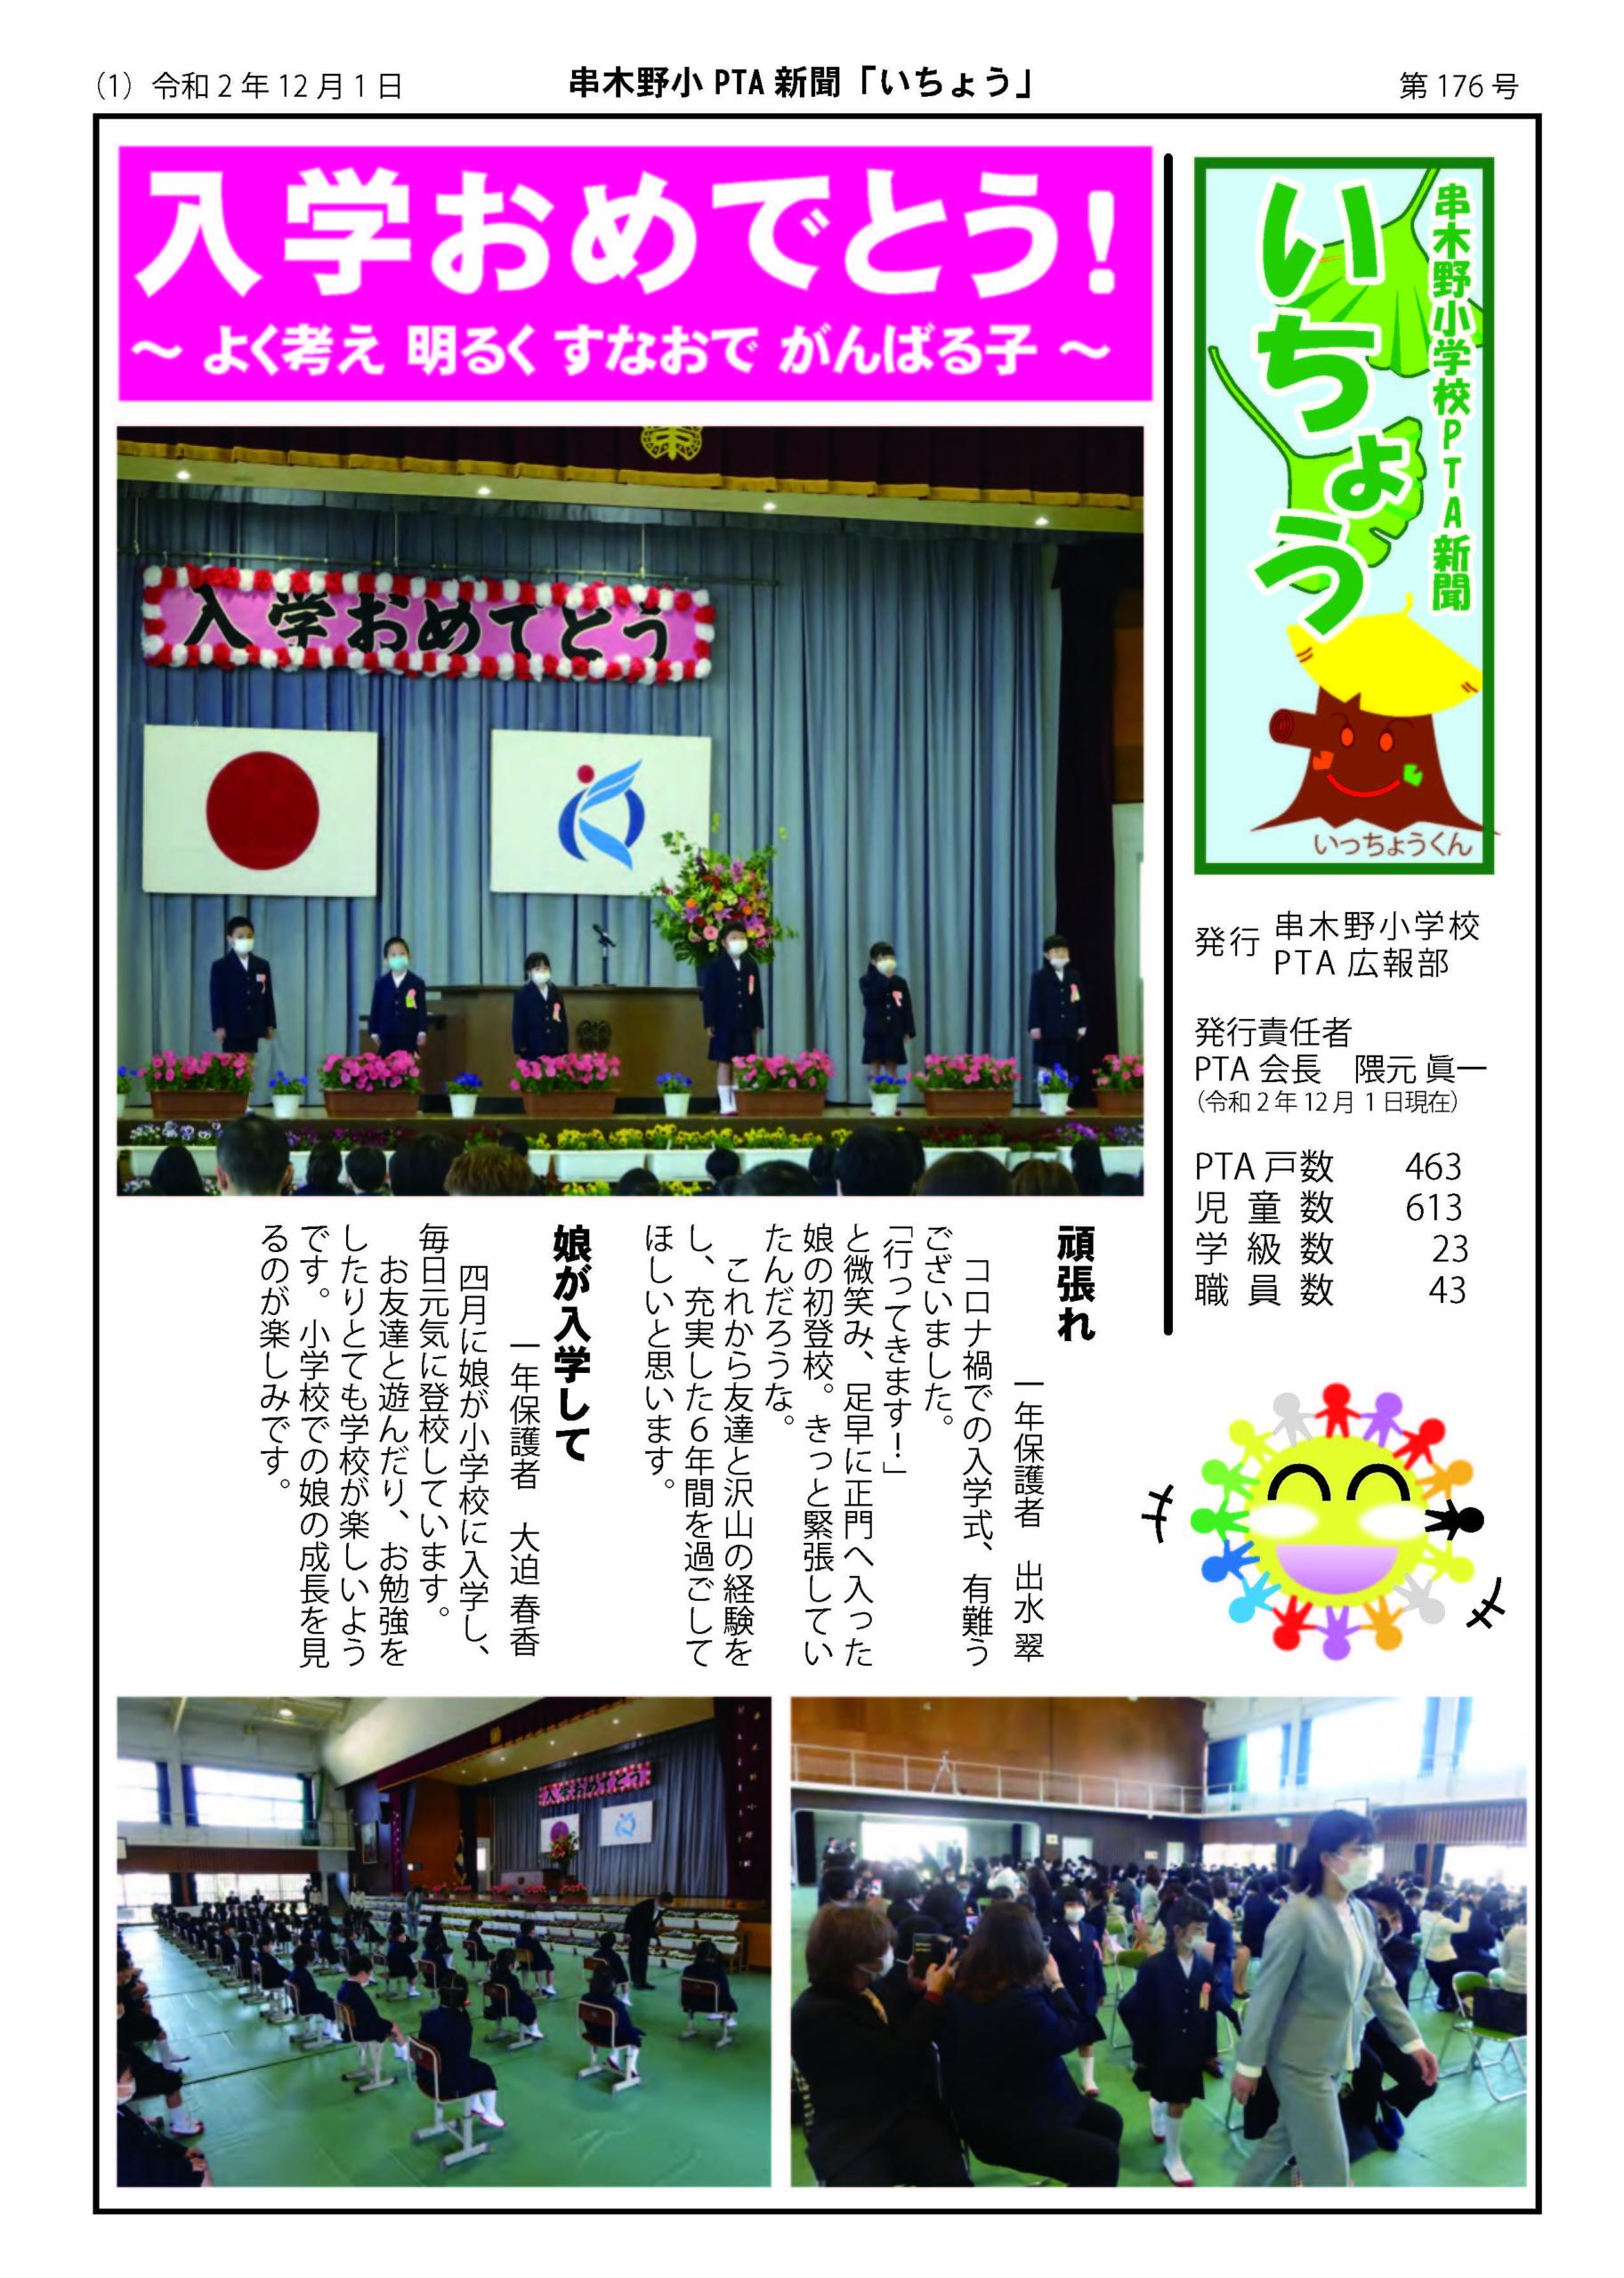 2020年12月1日 串木野小学校PTA新聞 いちょう 176号